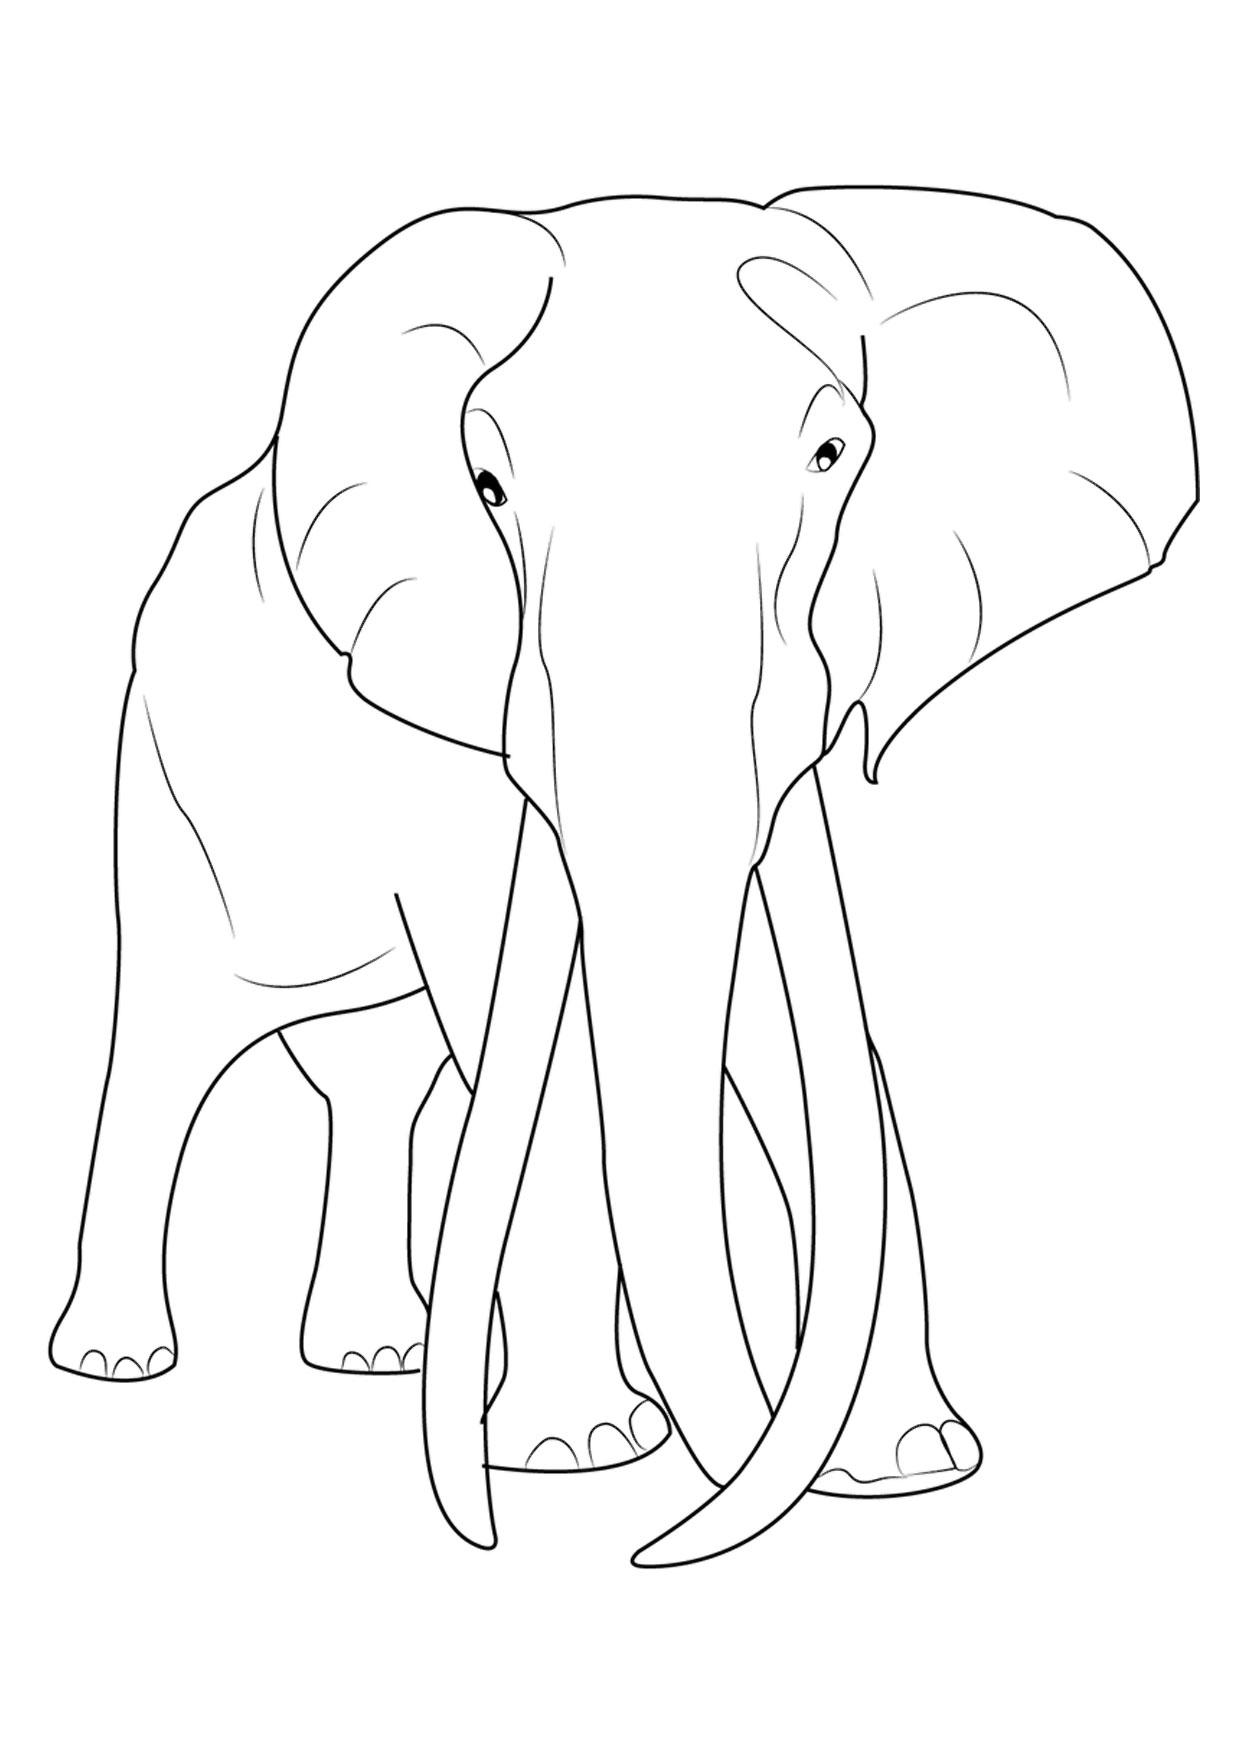 45 Disegni Di Elefanti Da Colorare Pianetabambini It